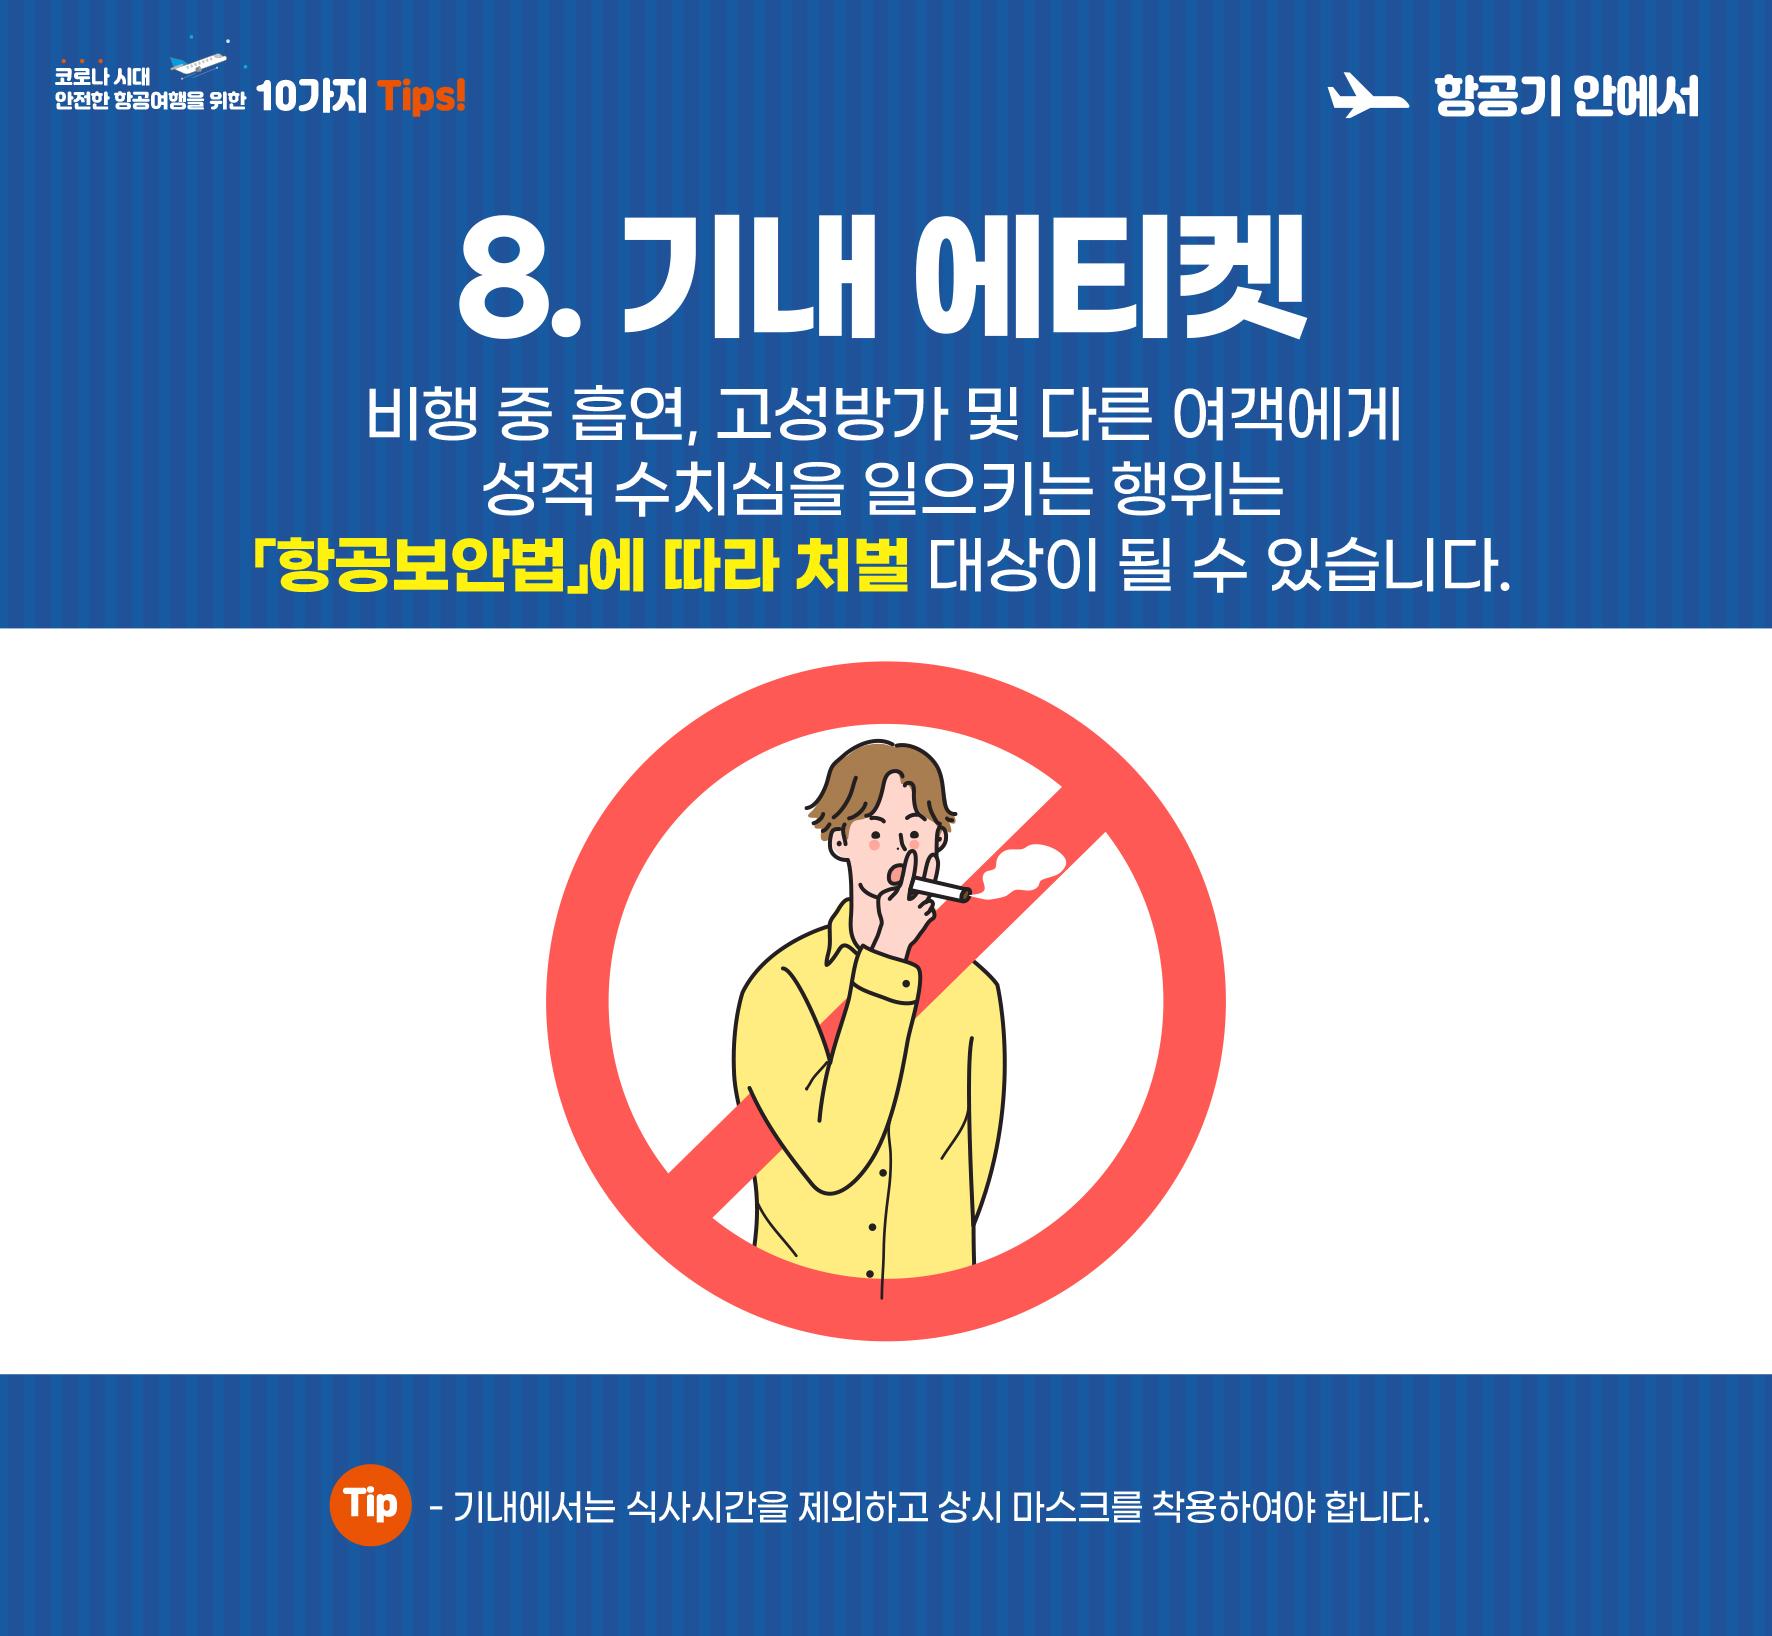 8. 기내 에티켓. 비행 중 흡연, 고성방가 및 다른 여객에게 성적 수치심을 일으키는 행위는 「항공보안법」에 따라 처벌 대상이 될 수 있습니다. 기내에서는 식사시간을 제외하고 상시 마스크를 착용하여야 합니다.